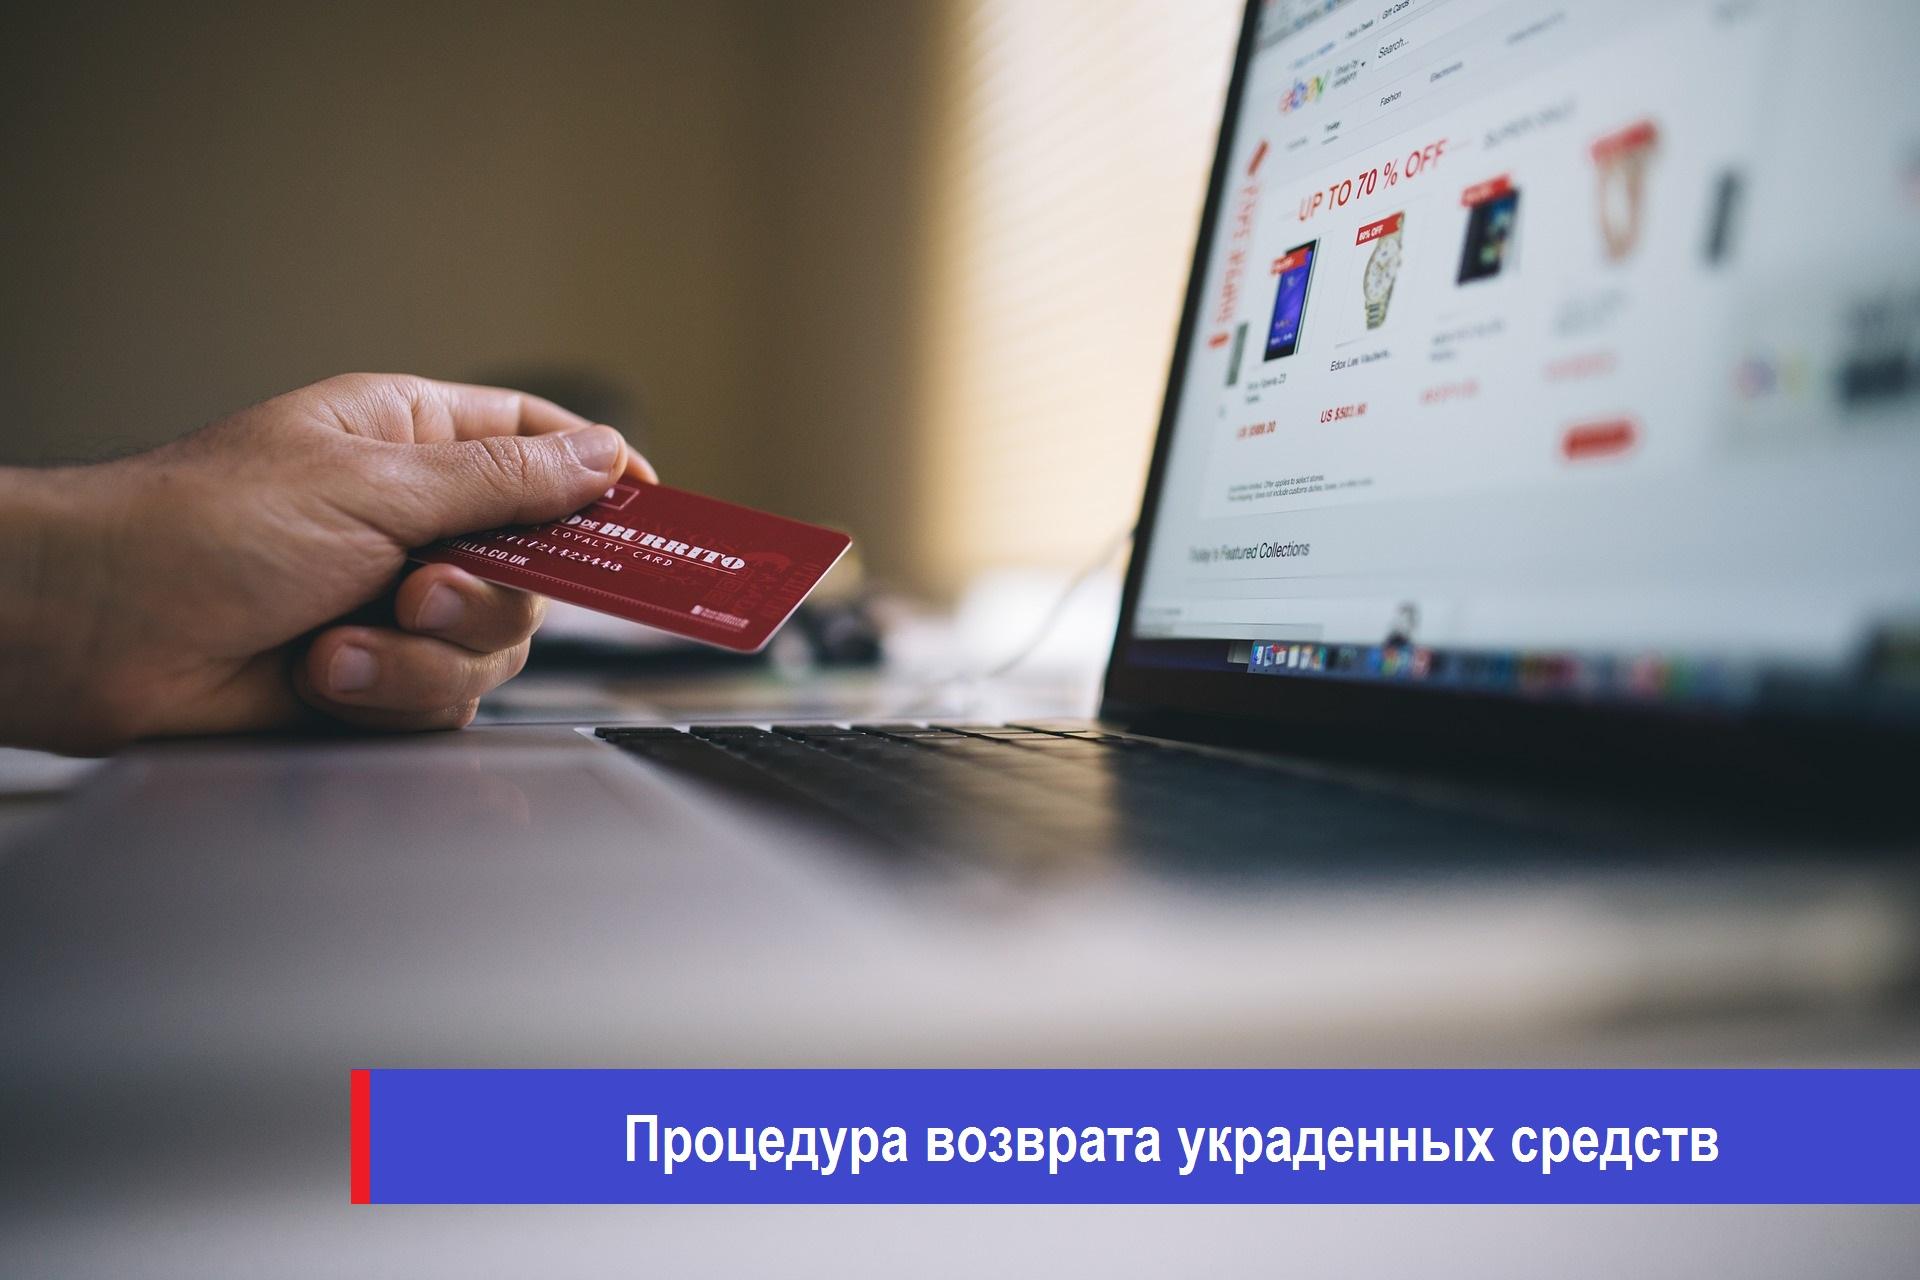 Возврат денег украденных с карты fix price новосибирск